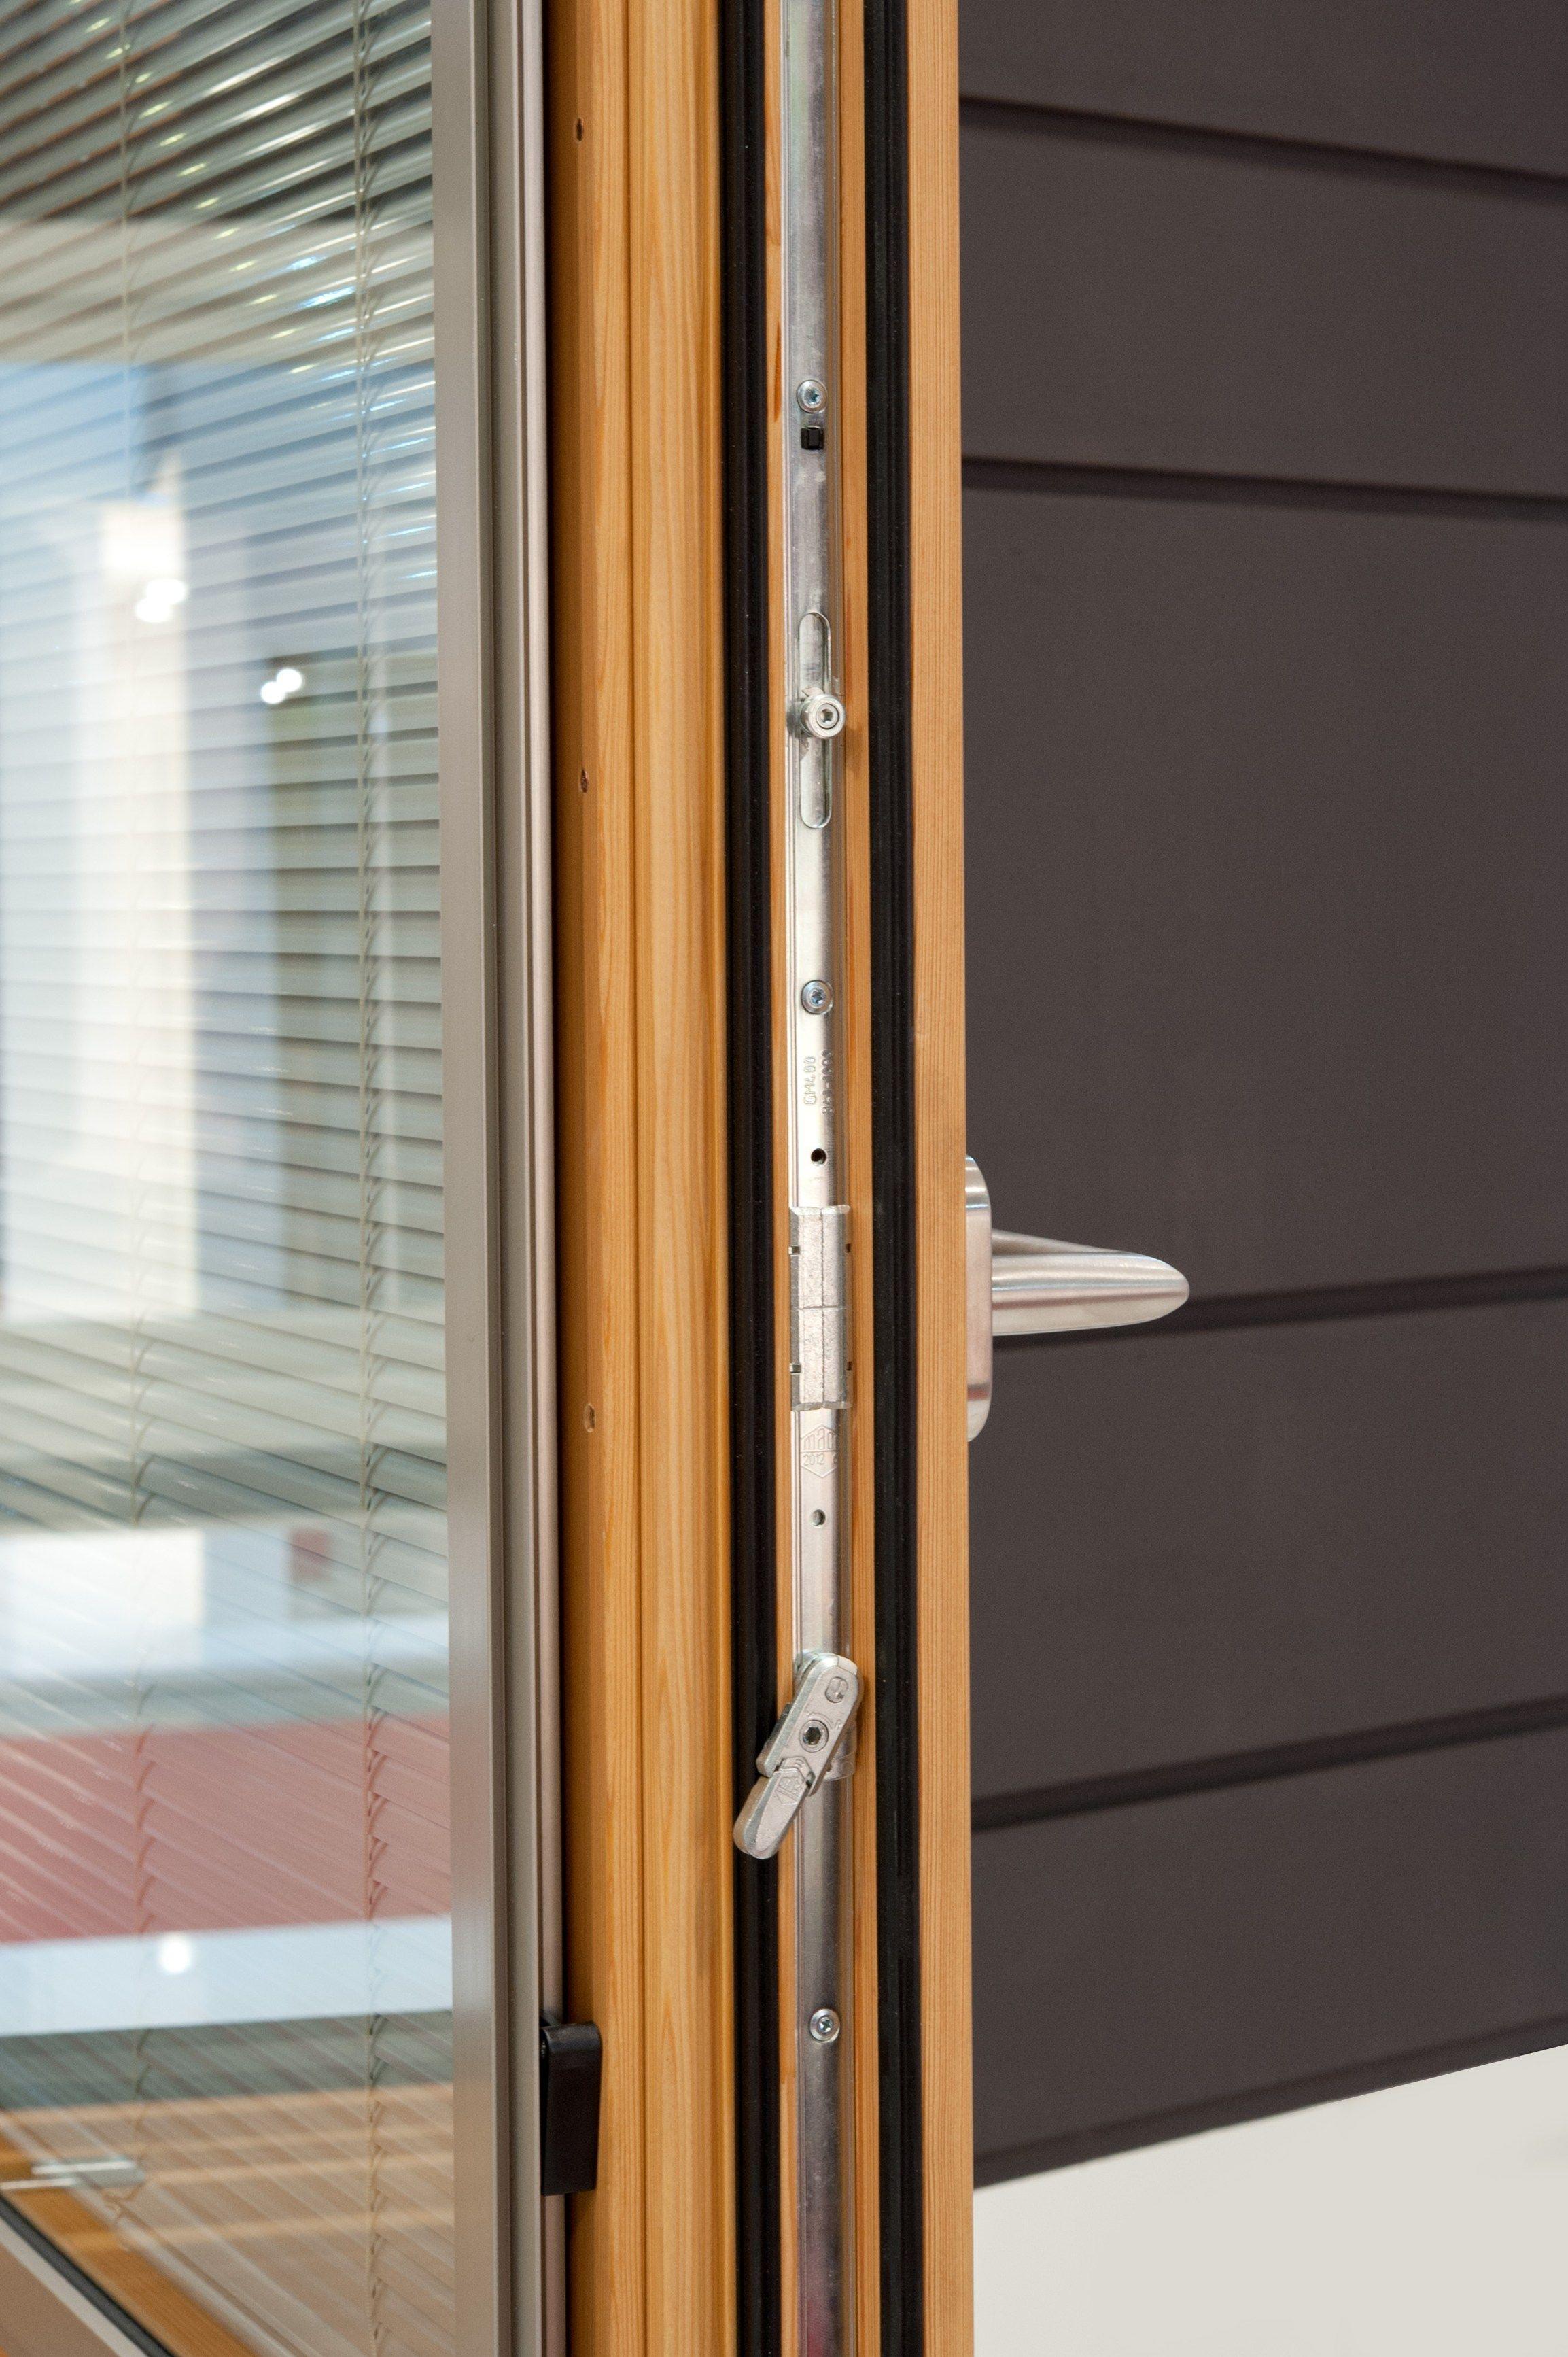 #9A6631 invólucro janelas janelas janelas de alumínio madeira 1672 Janela De Aluminio Manutenção